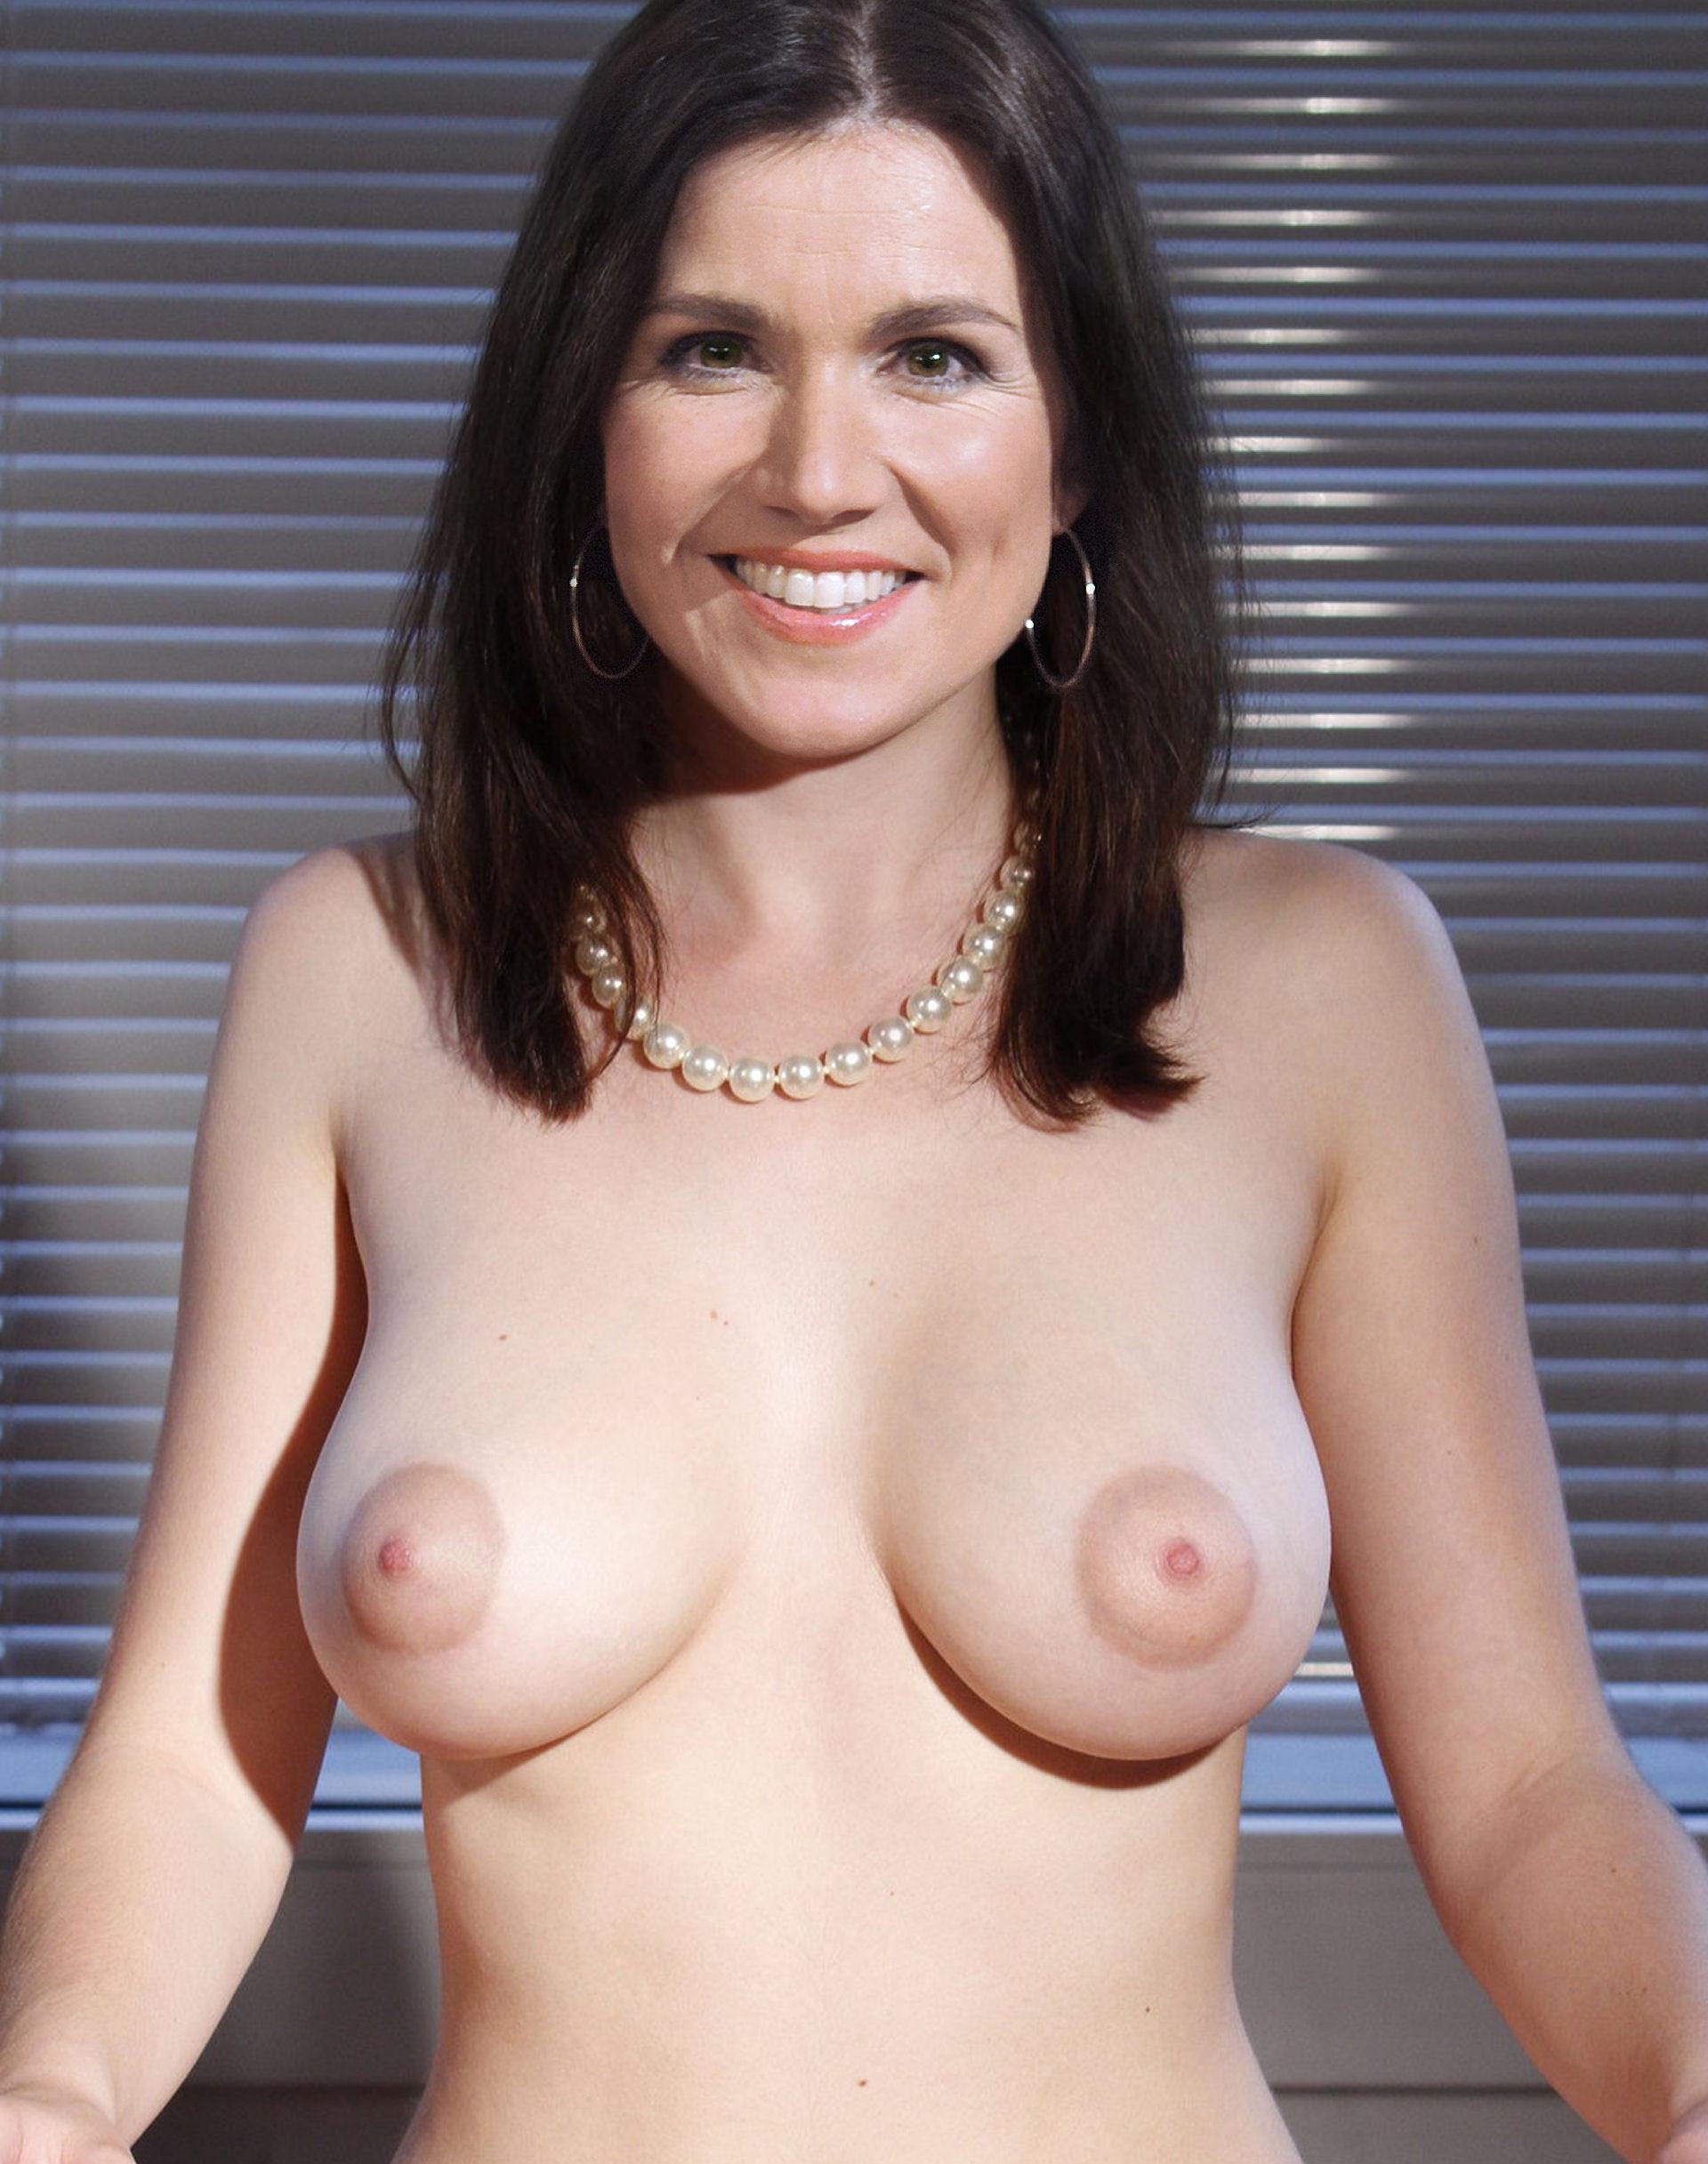 Susannah reid fake nudes